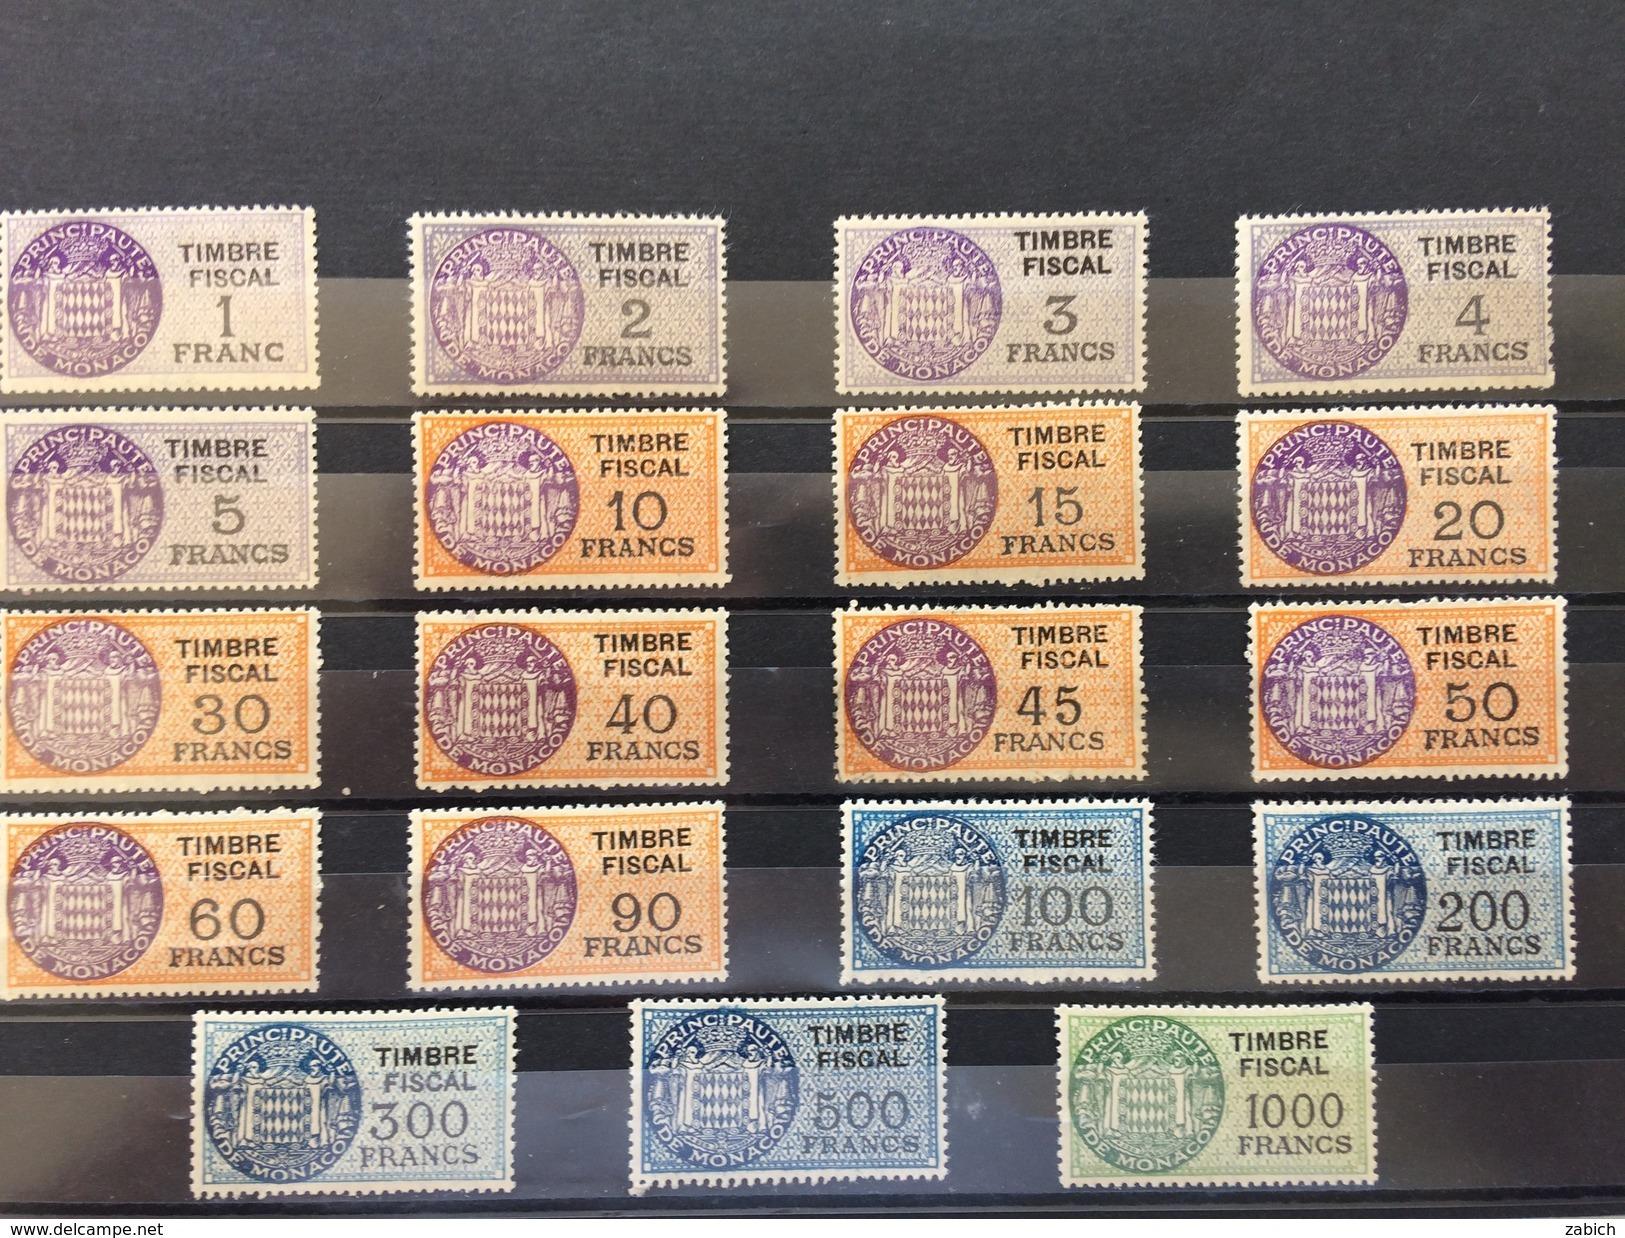 TIMBRES FISCAUX DE MONACO SERIE UNIFIEE DE 1949 COMPLETE 19 TIMBRES NEUFS  (**) Cote Y Et T 2016  566€ - Fiscaux